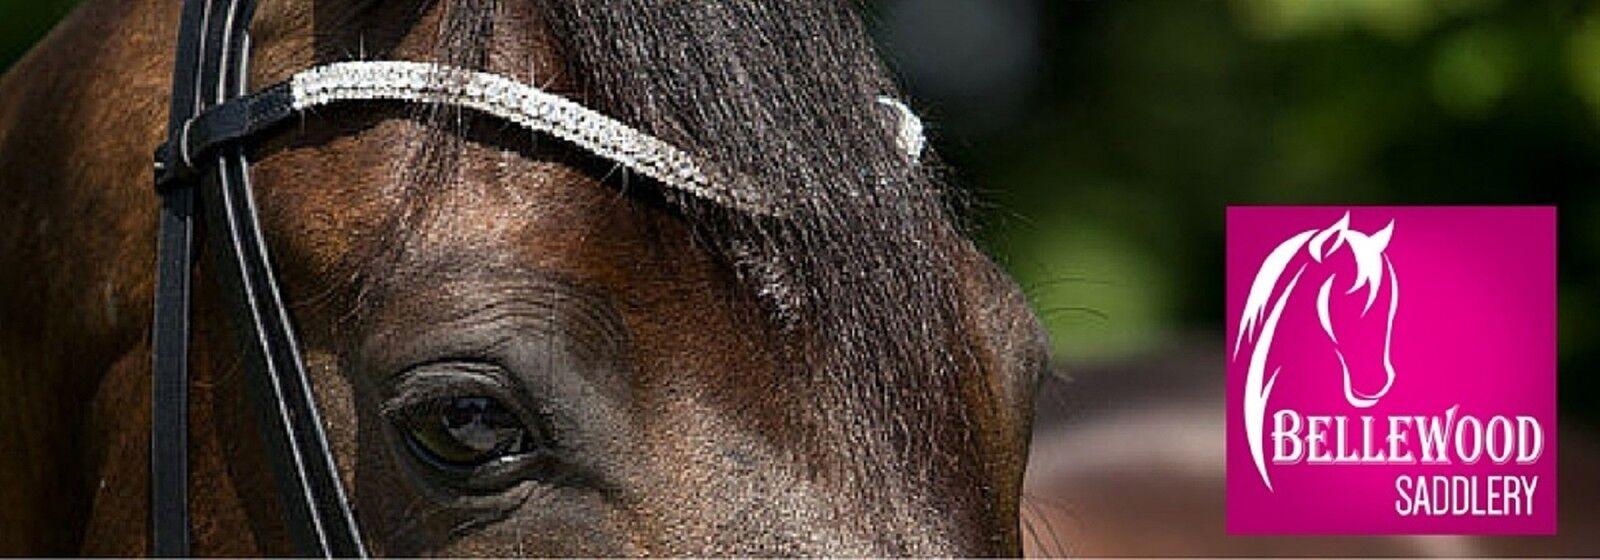 Horsetopia - Bellewood Saddlery